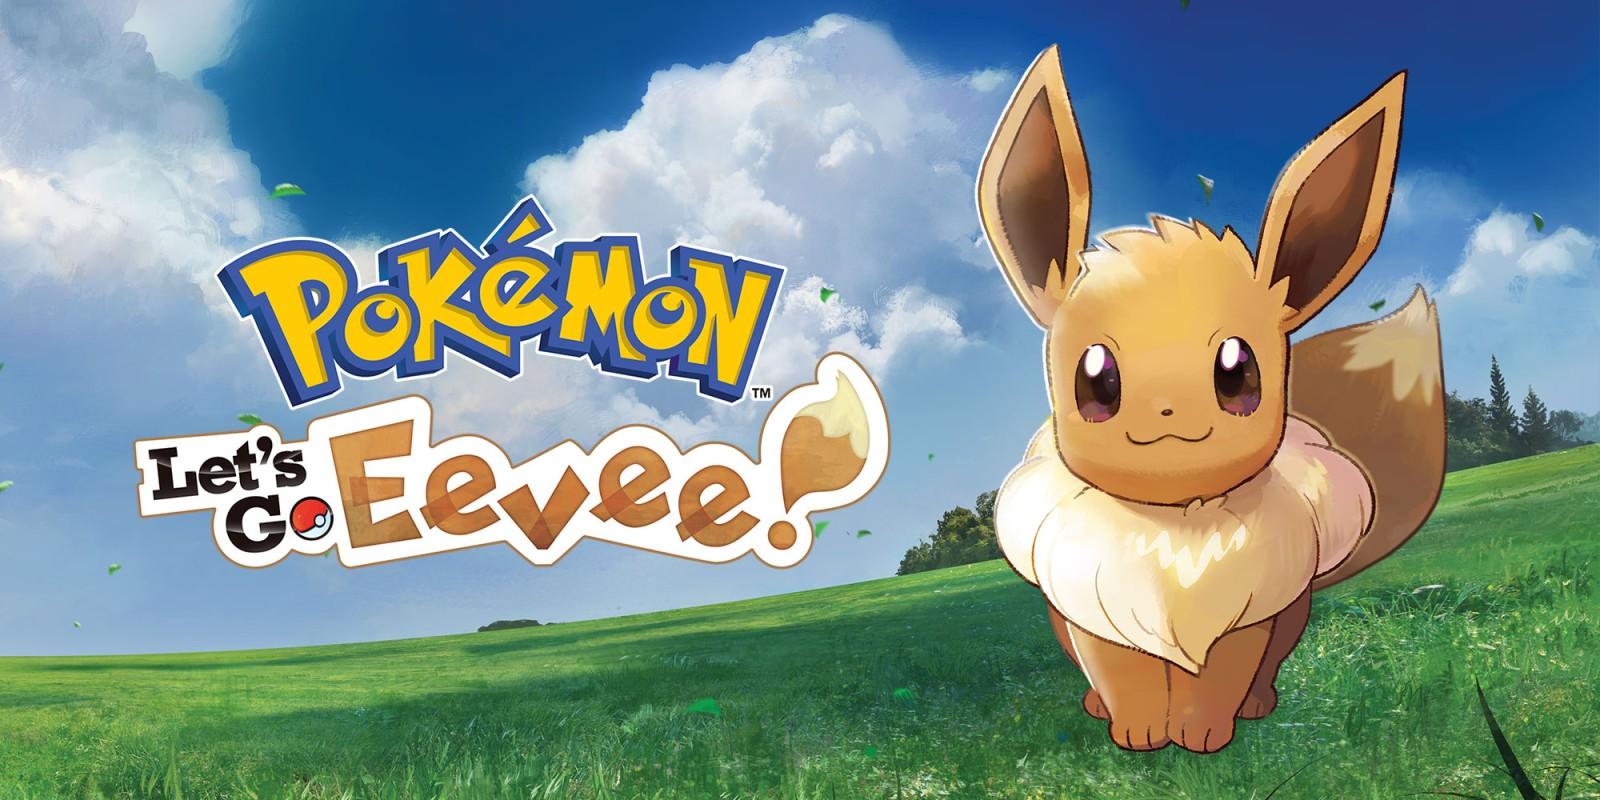 Pokemon: Let's Go Eevee Review